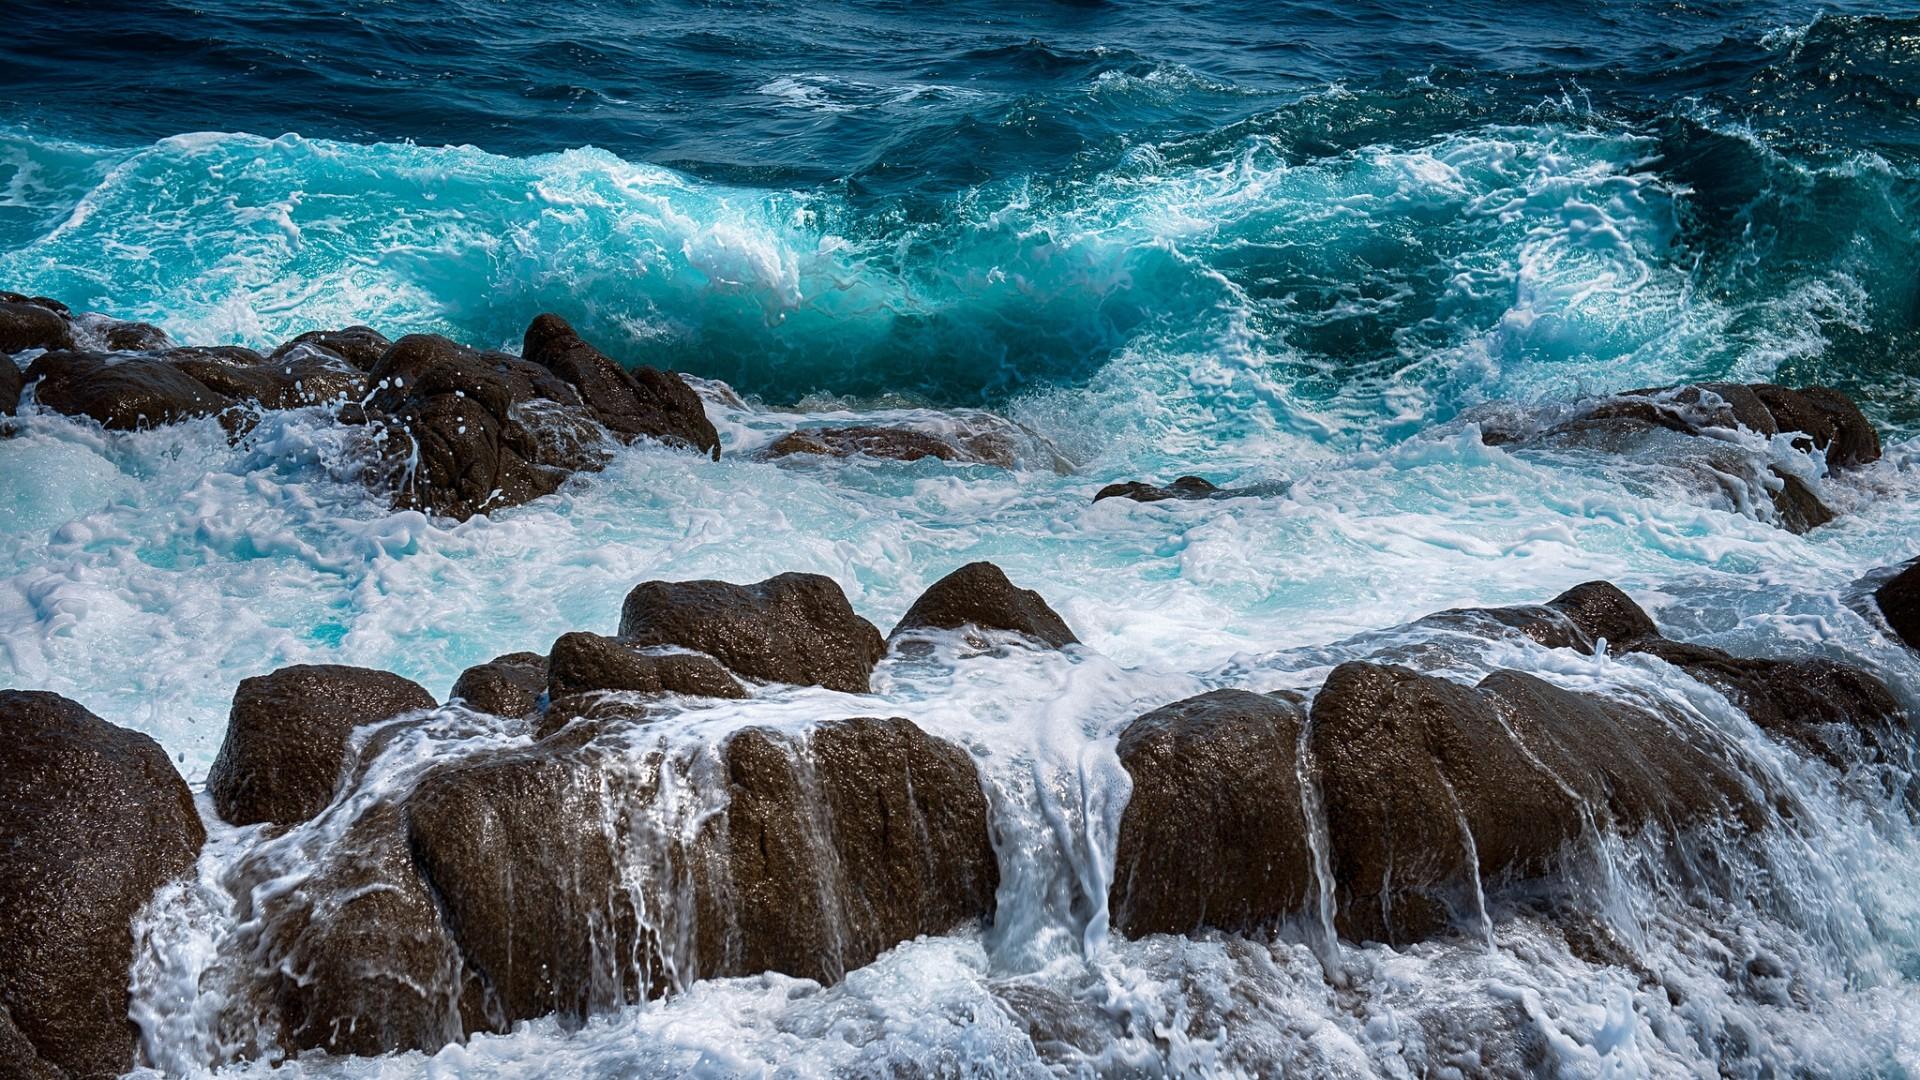 Download HD Wallpaper wave foam rock tide ireland .